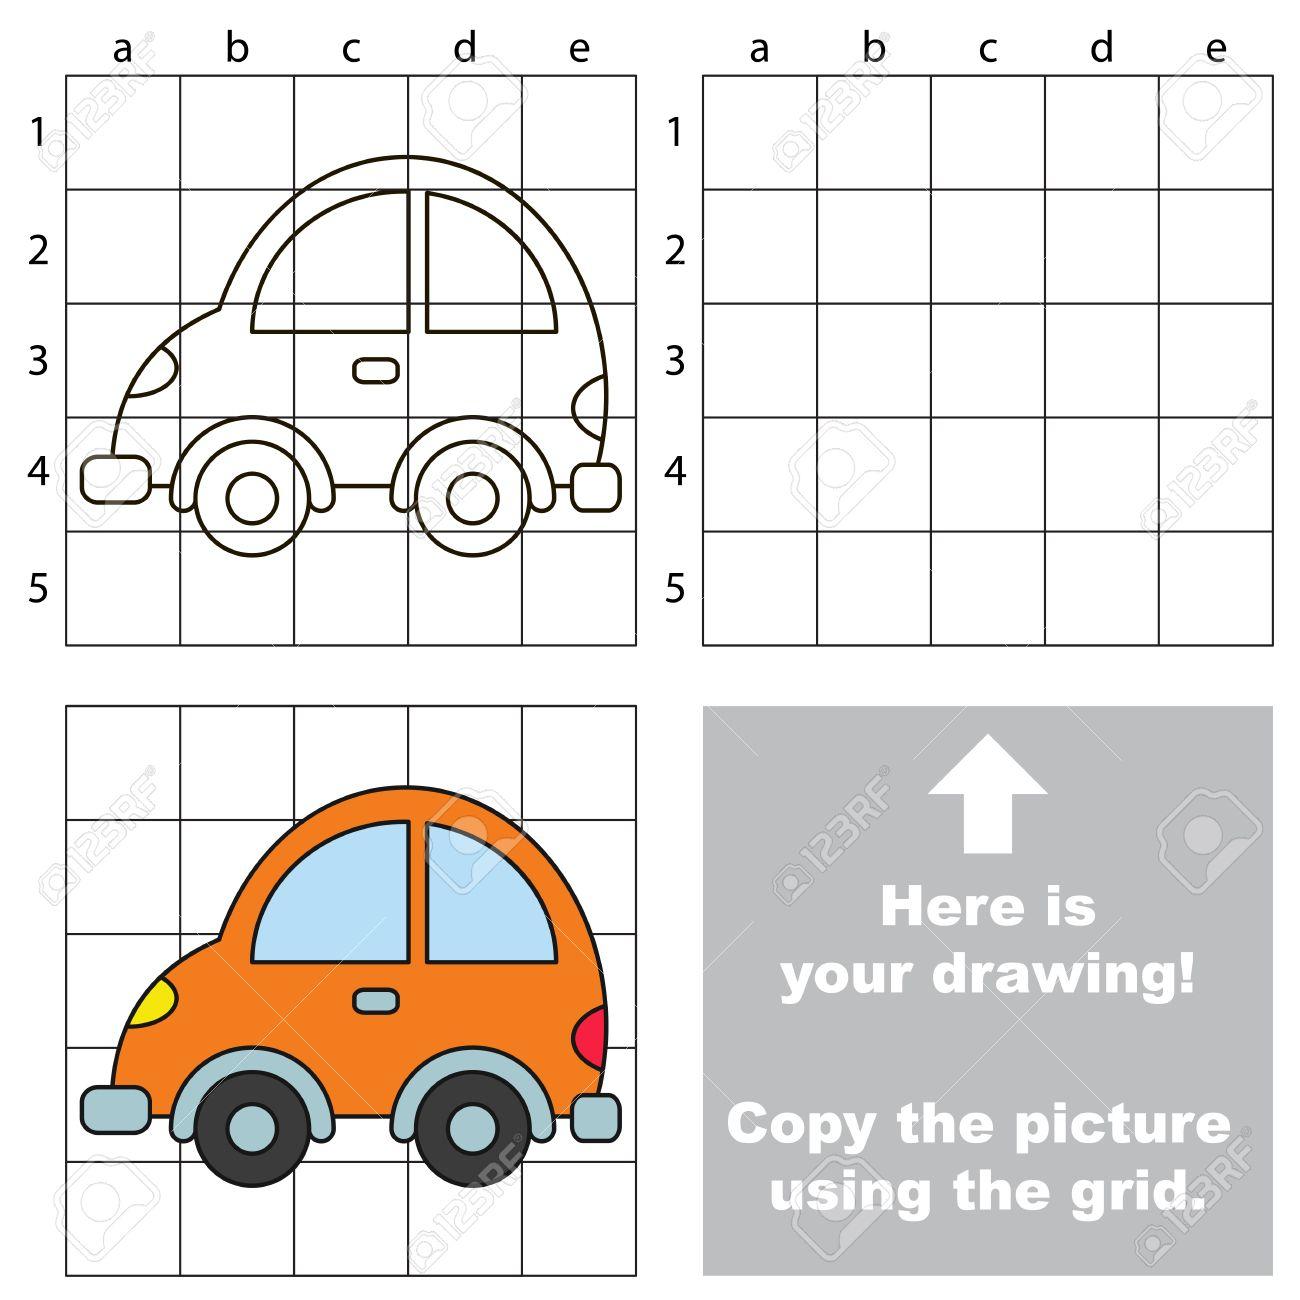 Copiez L'image En Utilisant Des Lignes De Grille. Un Jeu Éducatif Facile  Pour Les Enfants. Jeu De Dessin Simple Avec Voiture encequiconcerne Voiture Facile À Dessiner